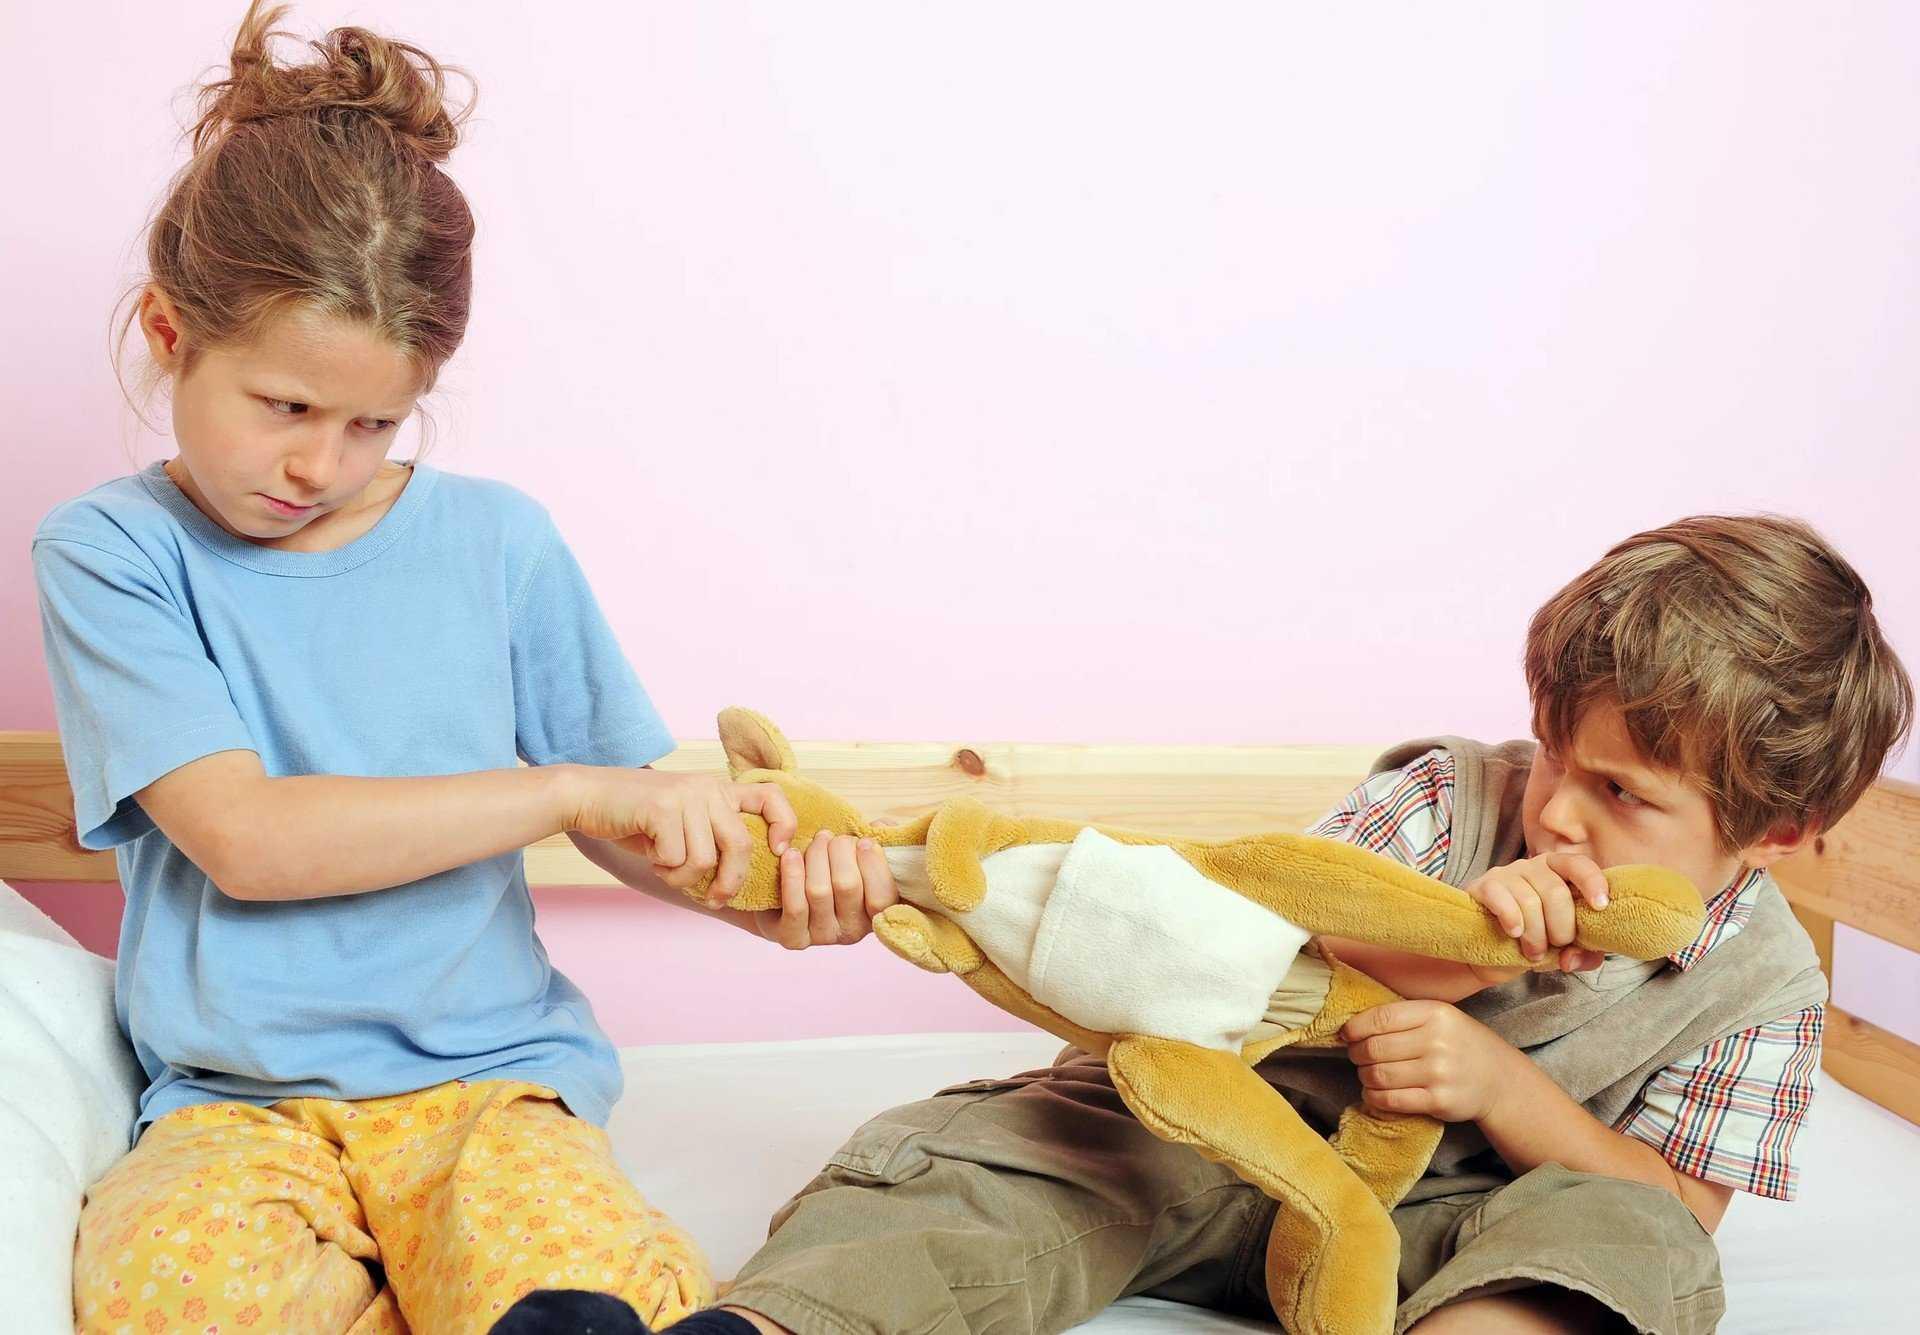 Как научить ребенка делиться игрушками - 6 советов родителям